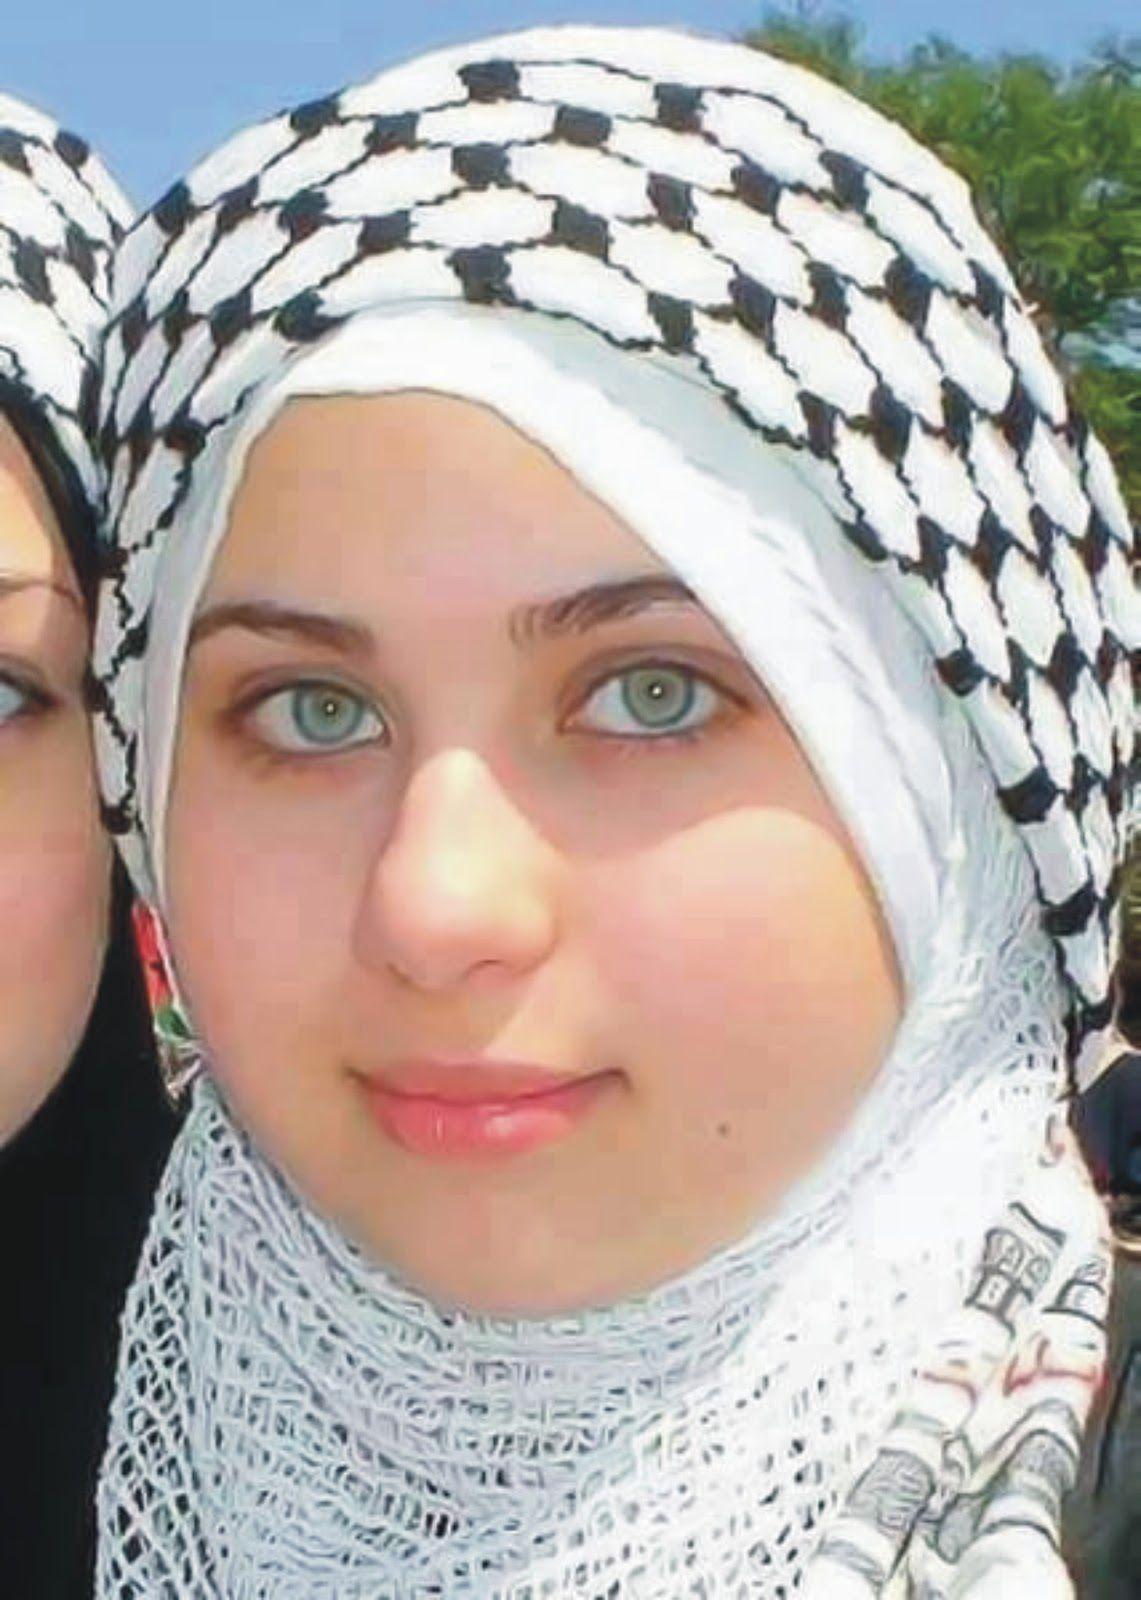 صورة اجمل بنات محجبات بدون مكياج, نزلت بدون مكياج وحافظت علي بشرتي 2378 6